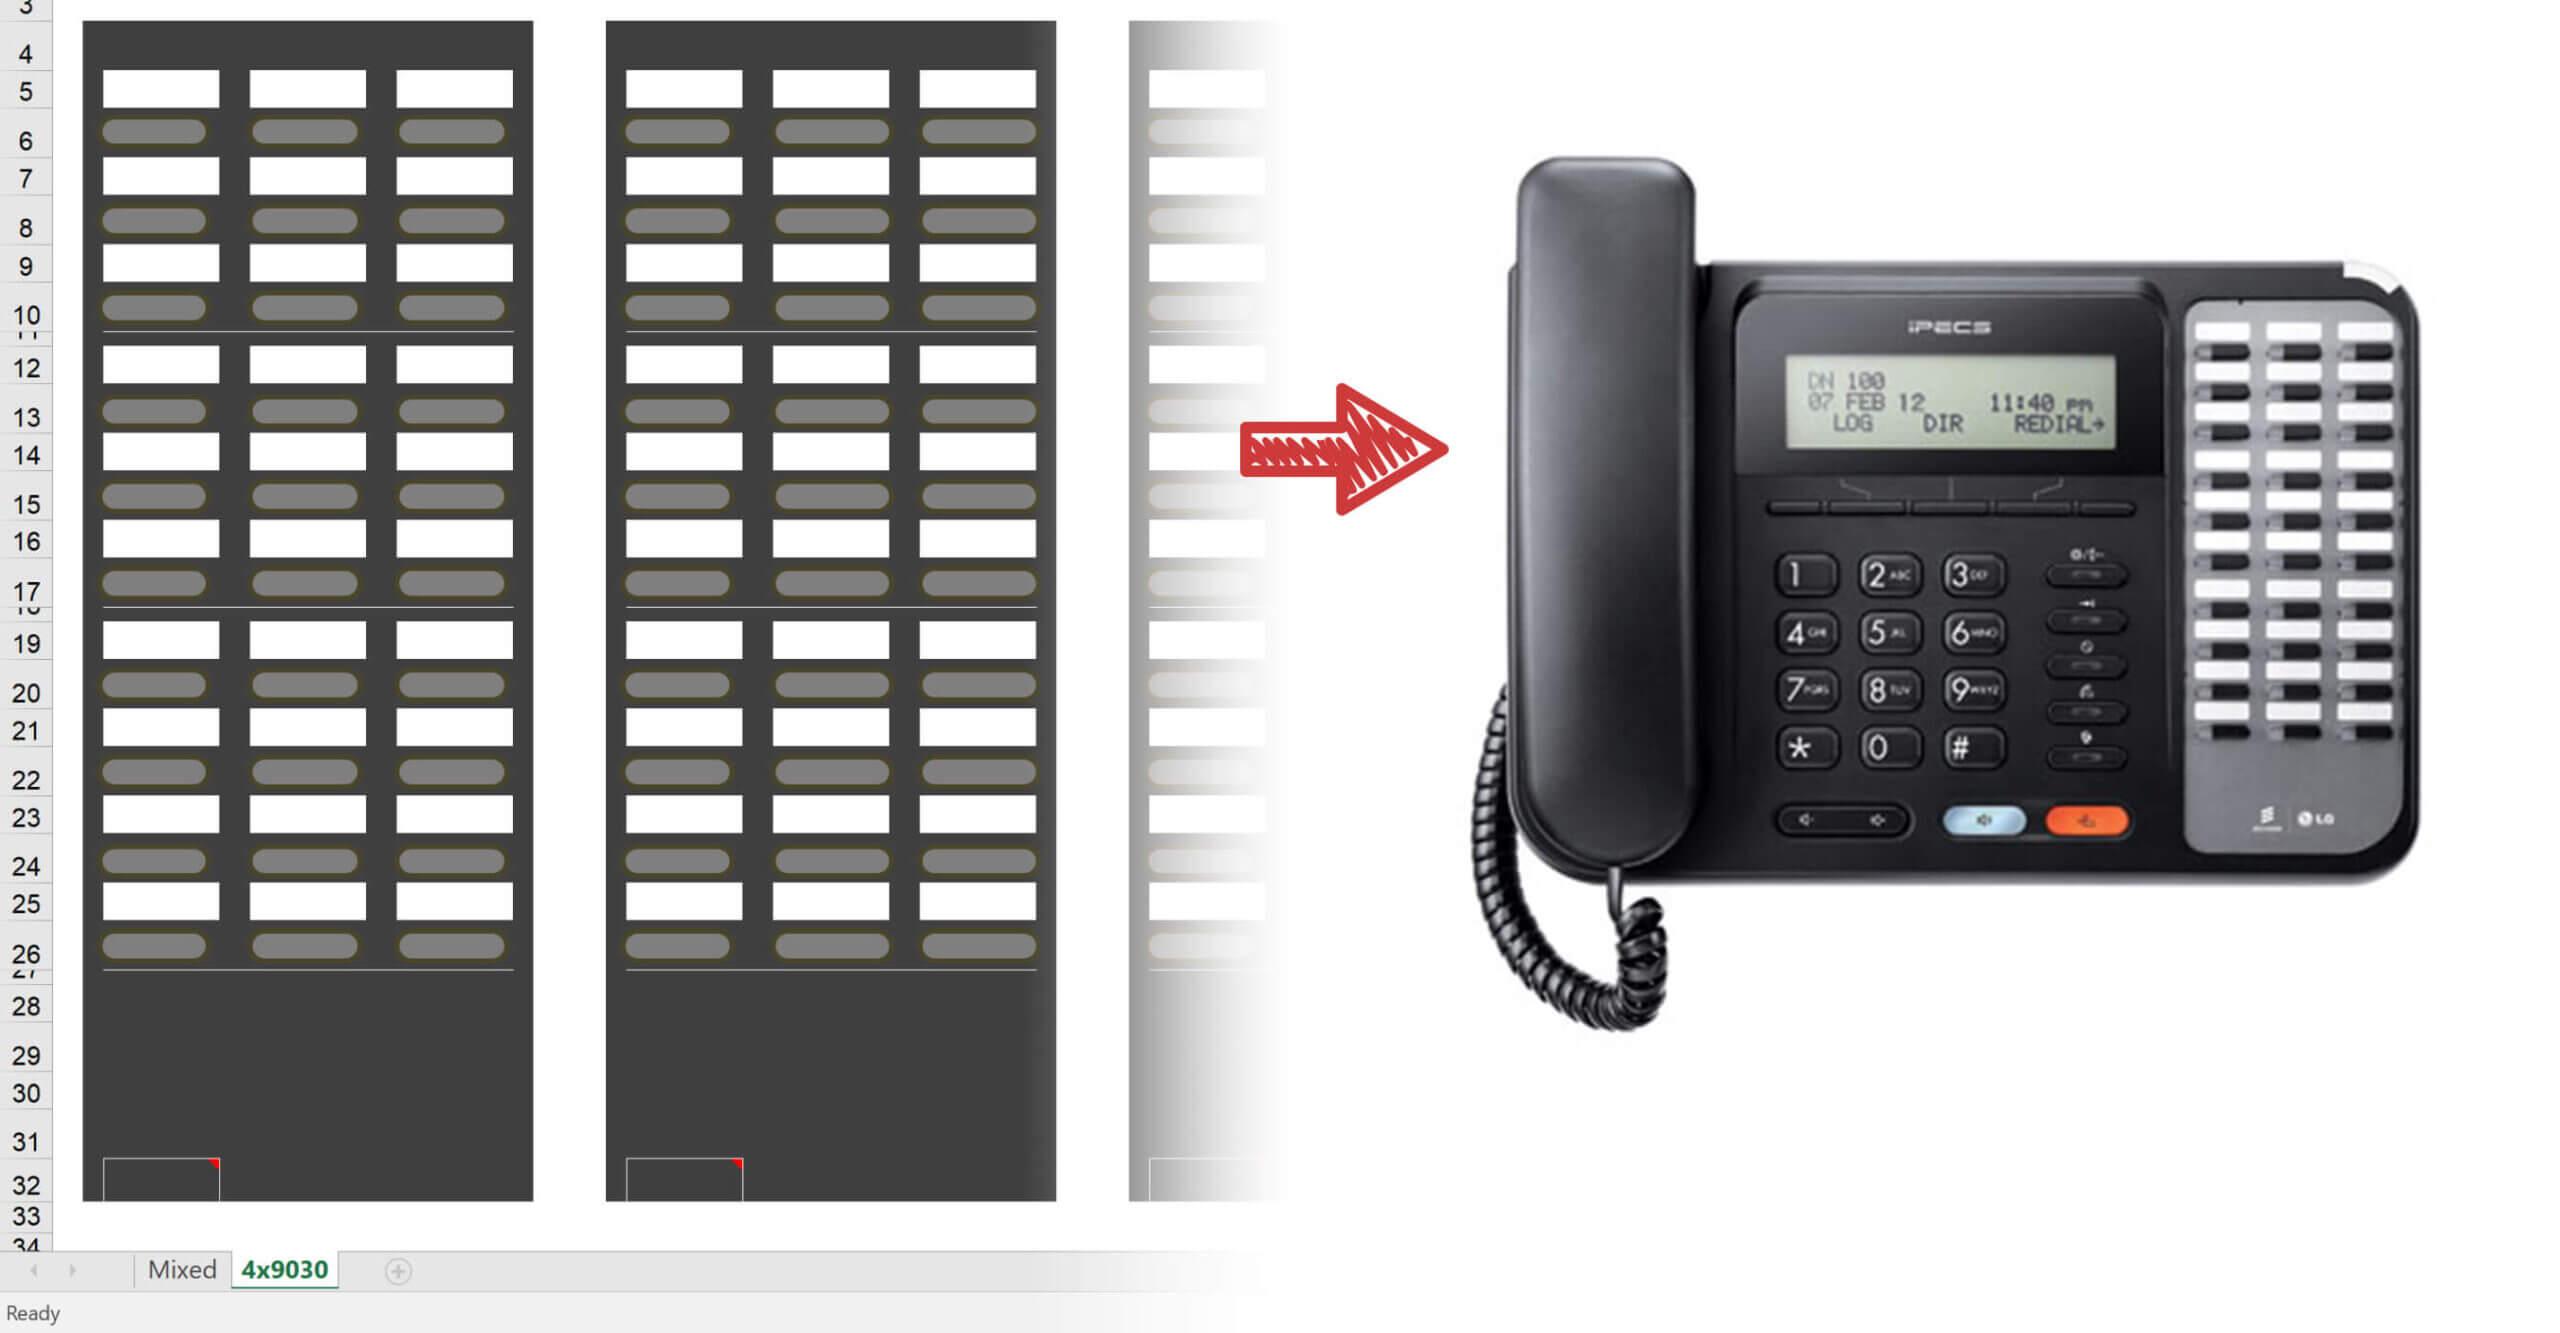 Ipecs Phone Handset Label Printing Guide - Infiniti For Avaya Phone Label Template